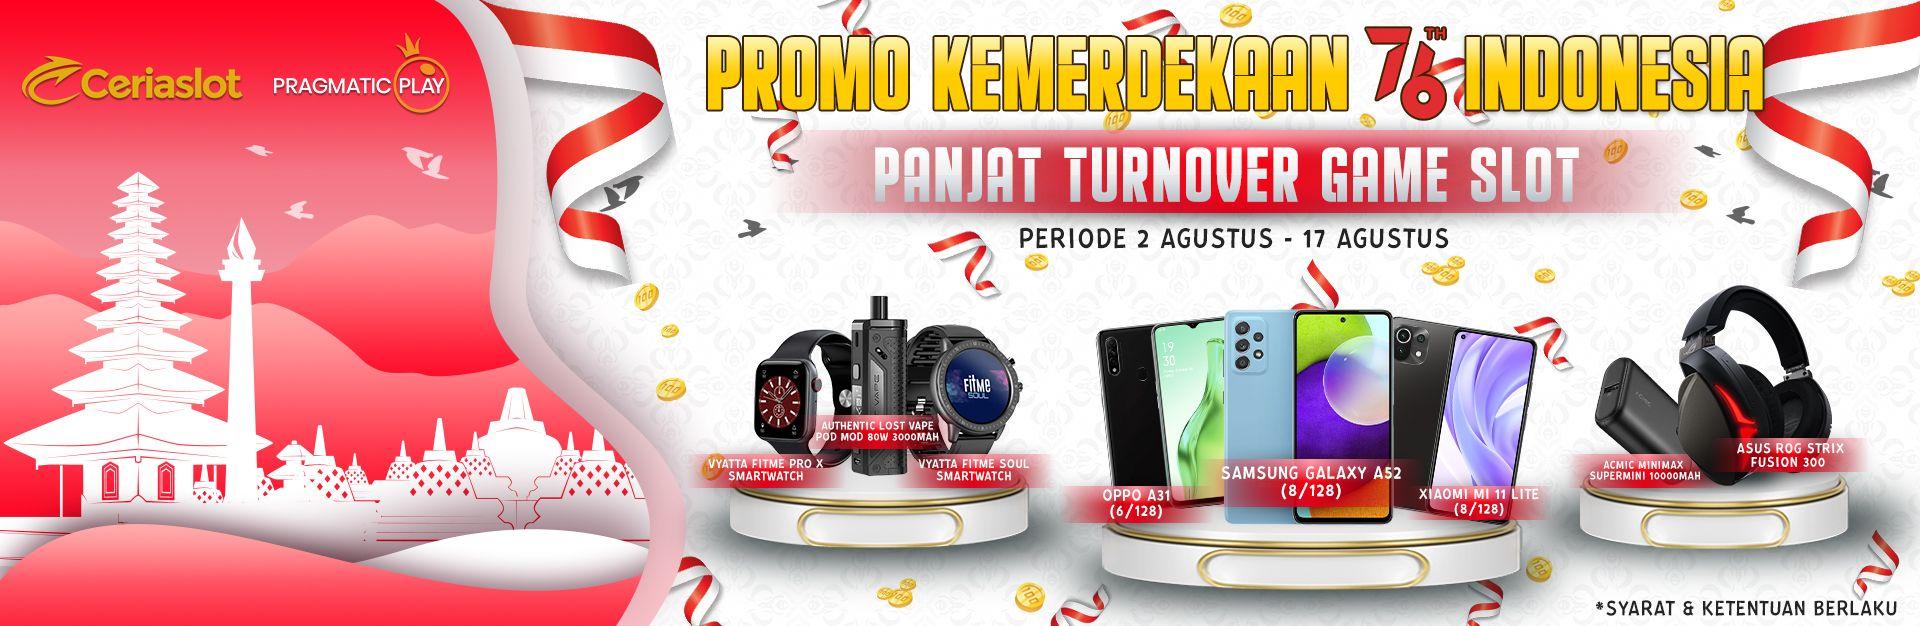 Promo KEMERDEKAAN 76 Th INDONESIA